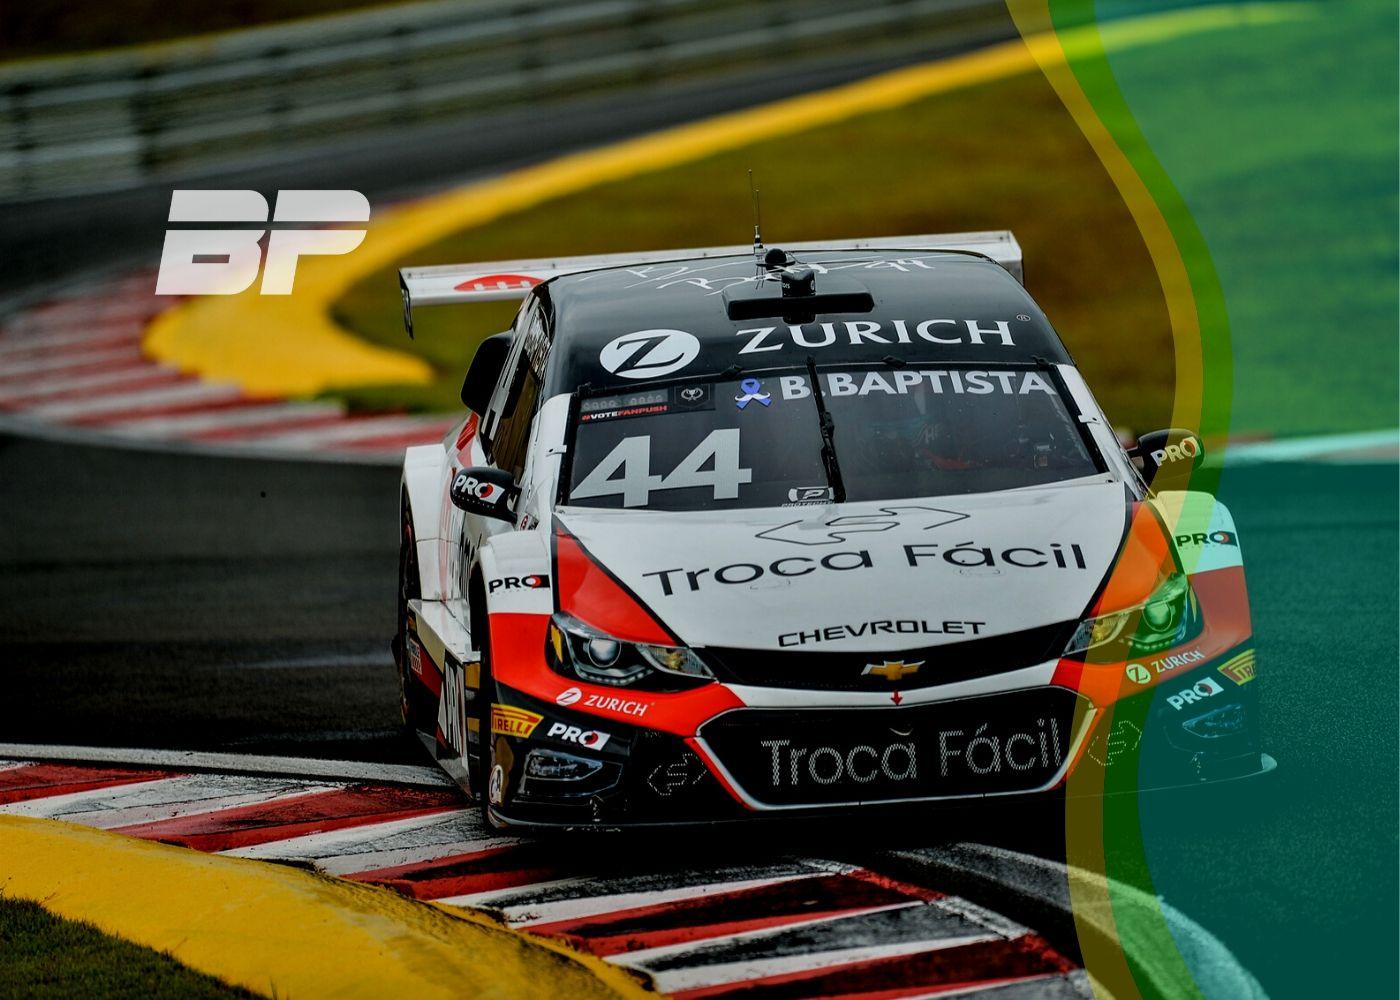 Foto de Bruno Baptista surpreende e alcança primeira vitória no Autódromo Velo Città, com Nunes e Serra no pódio